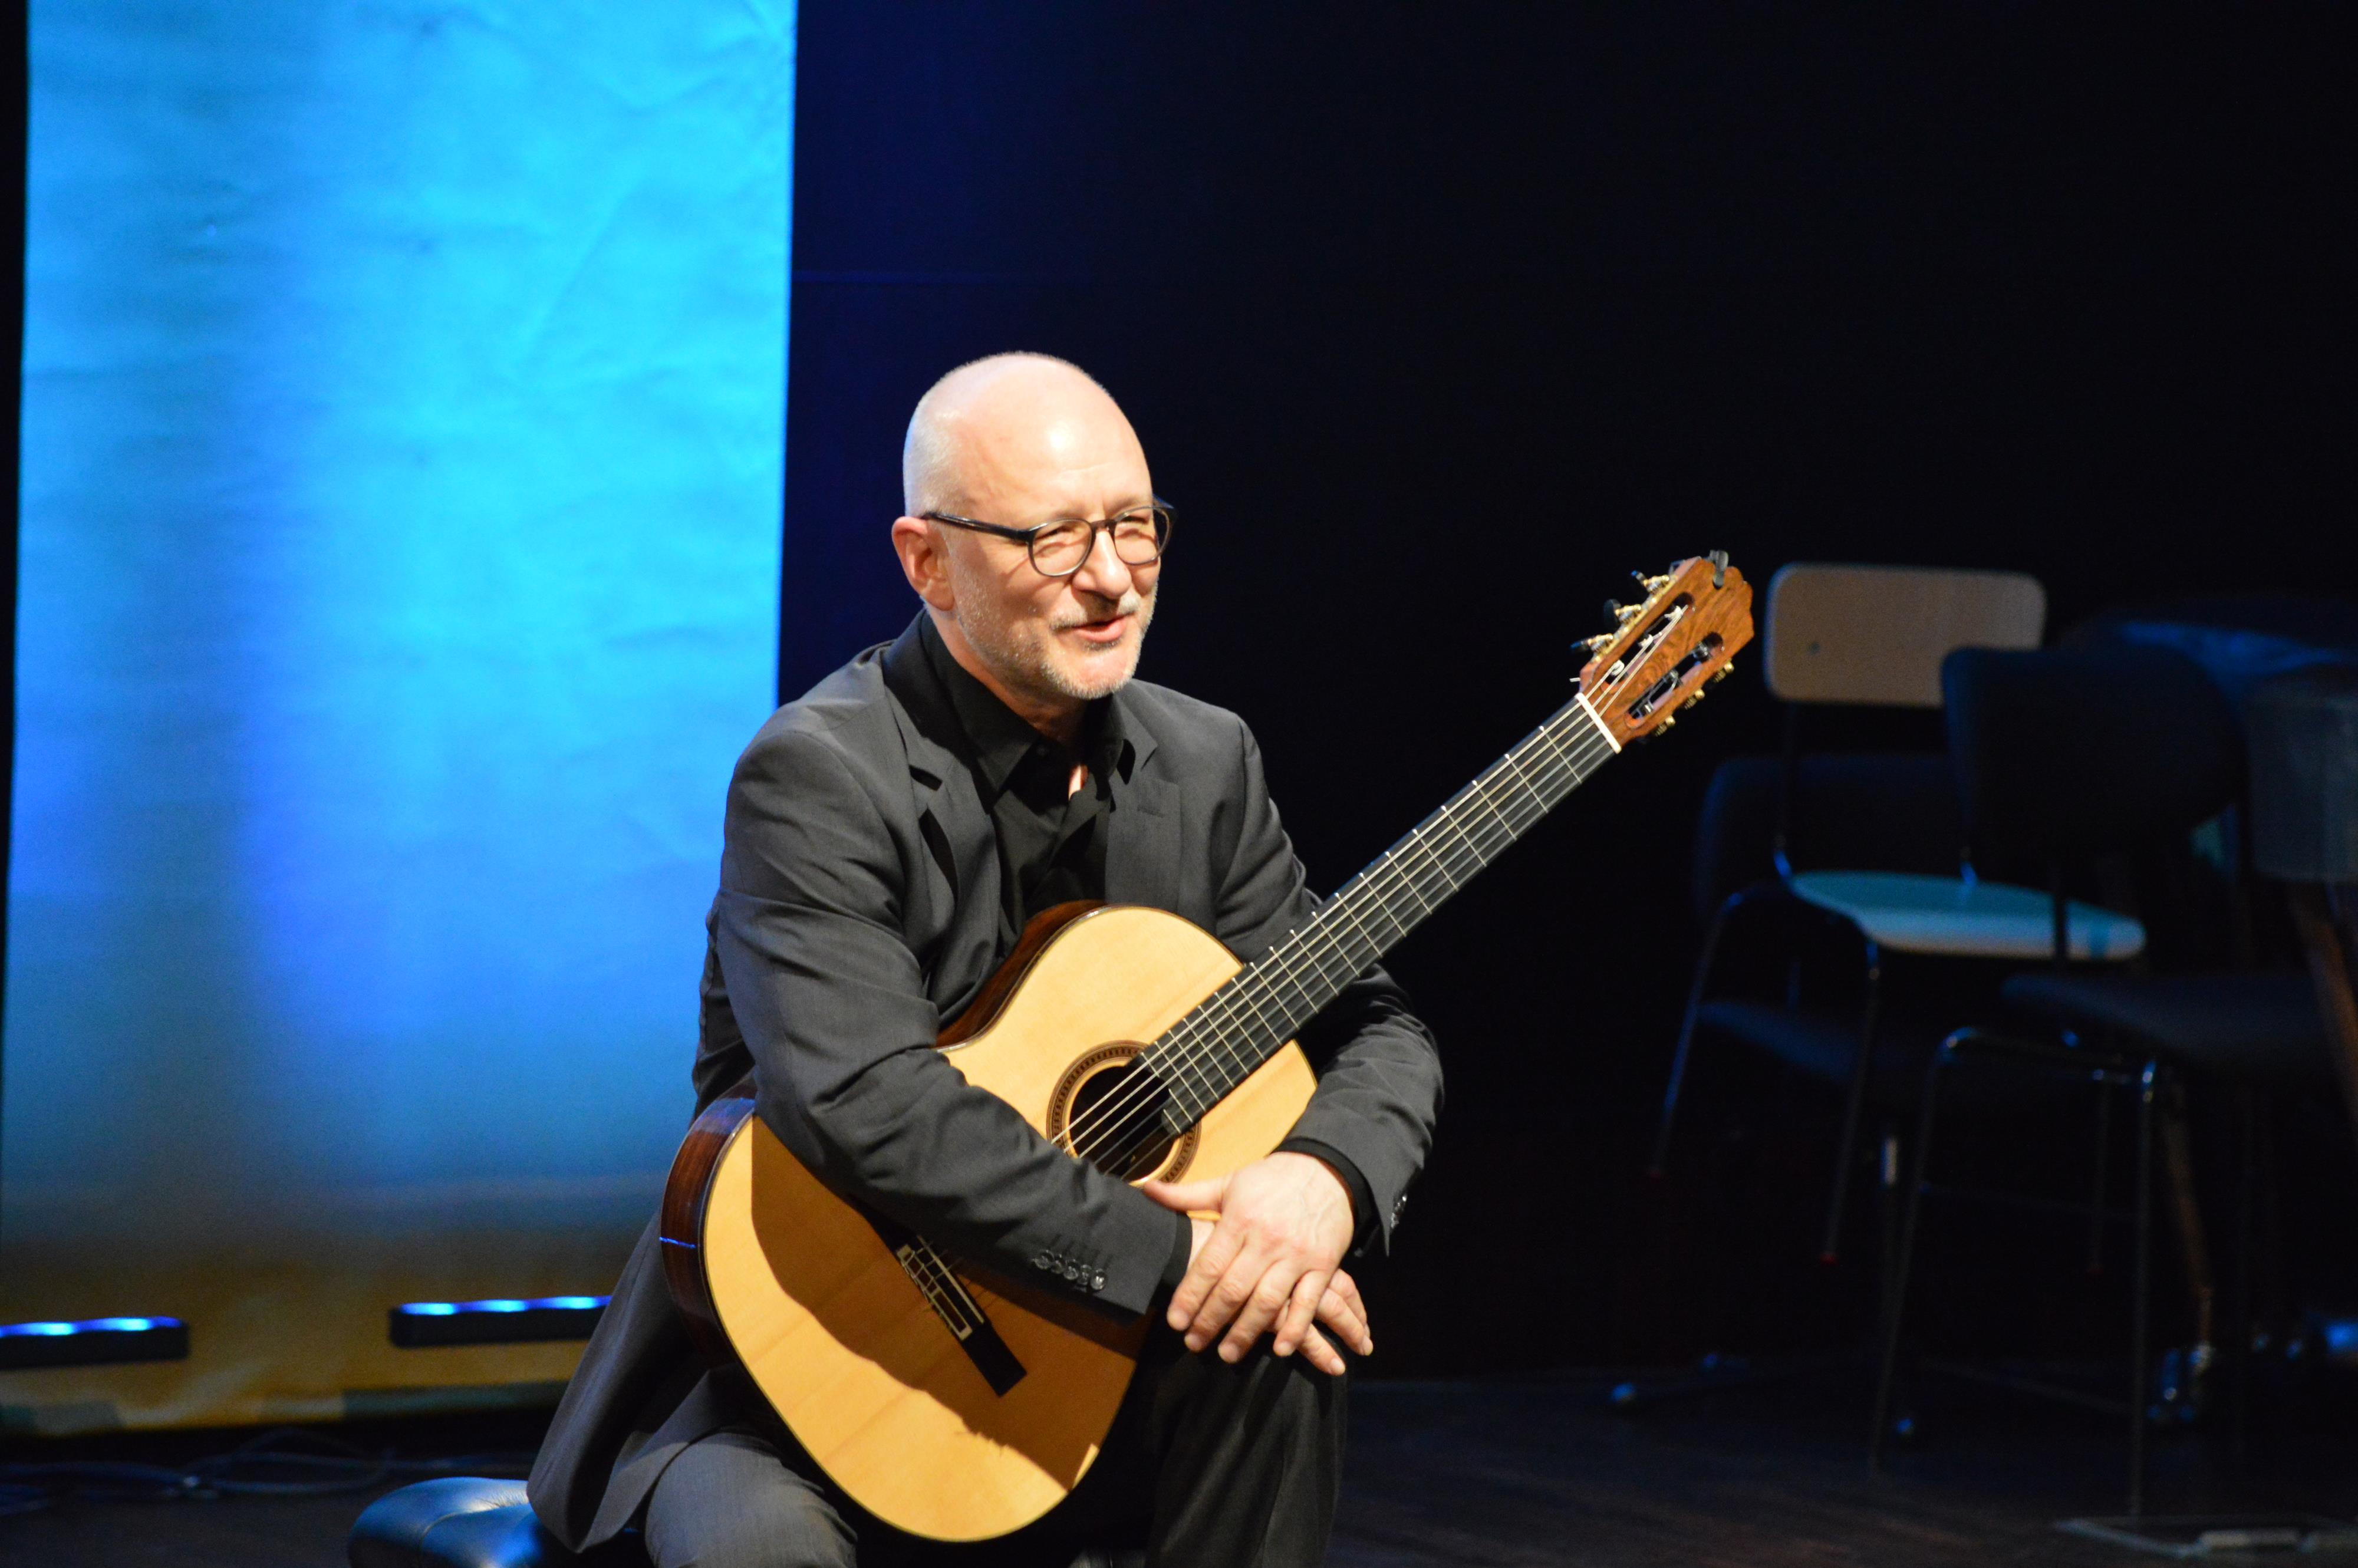 Ogólnopolski konkurs gitarowy i występy zawodowców